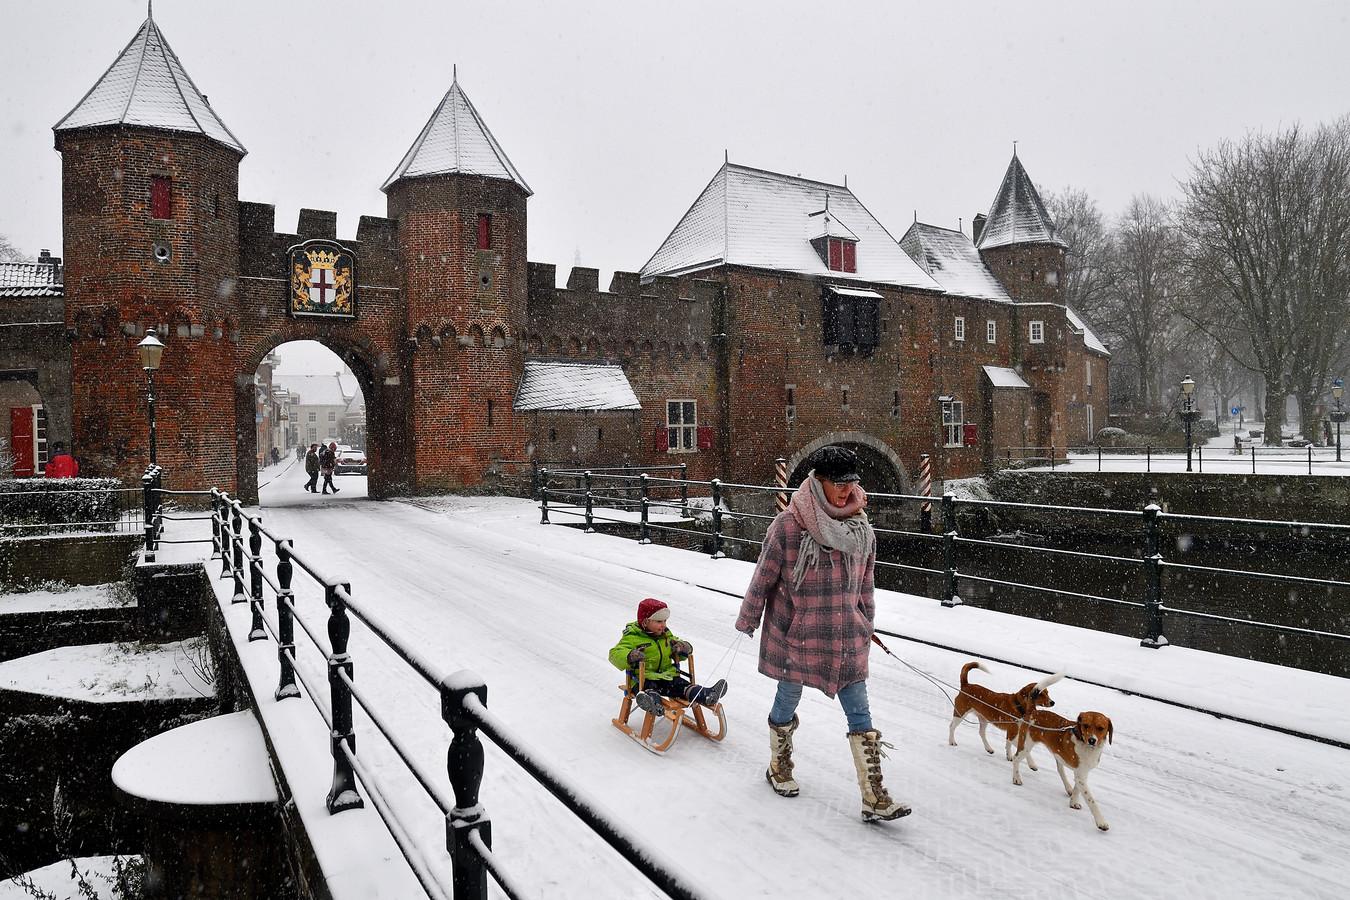 Sneeuw in de binnenstad van Amersfoort, in januari 2019